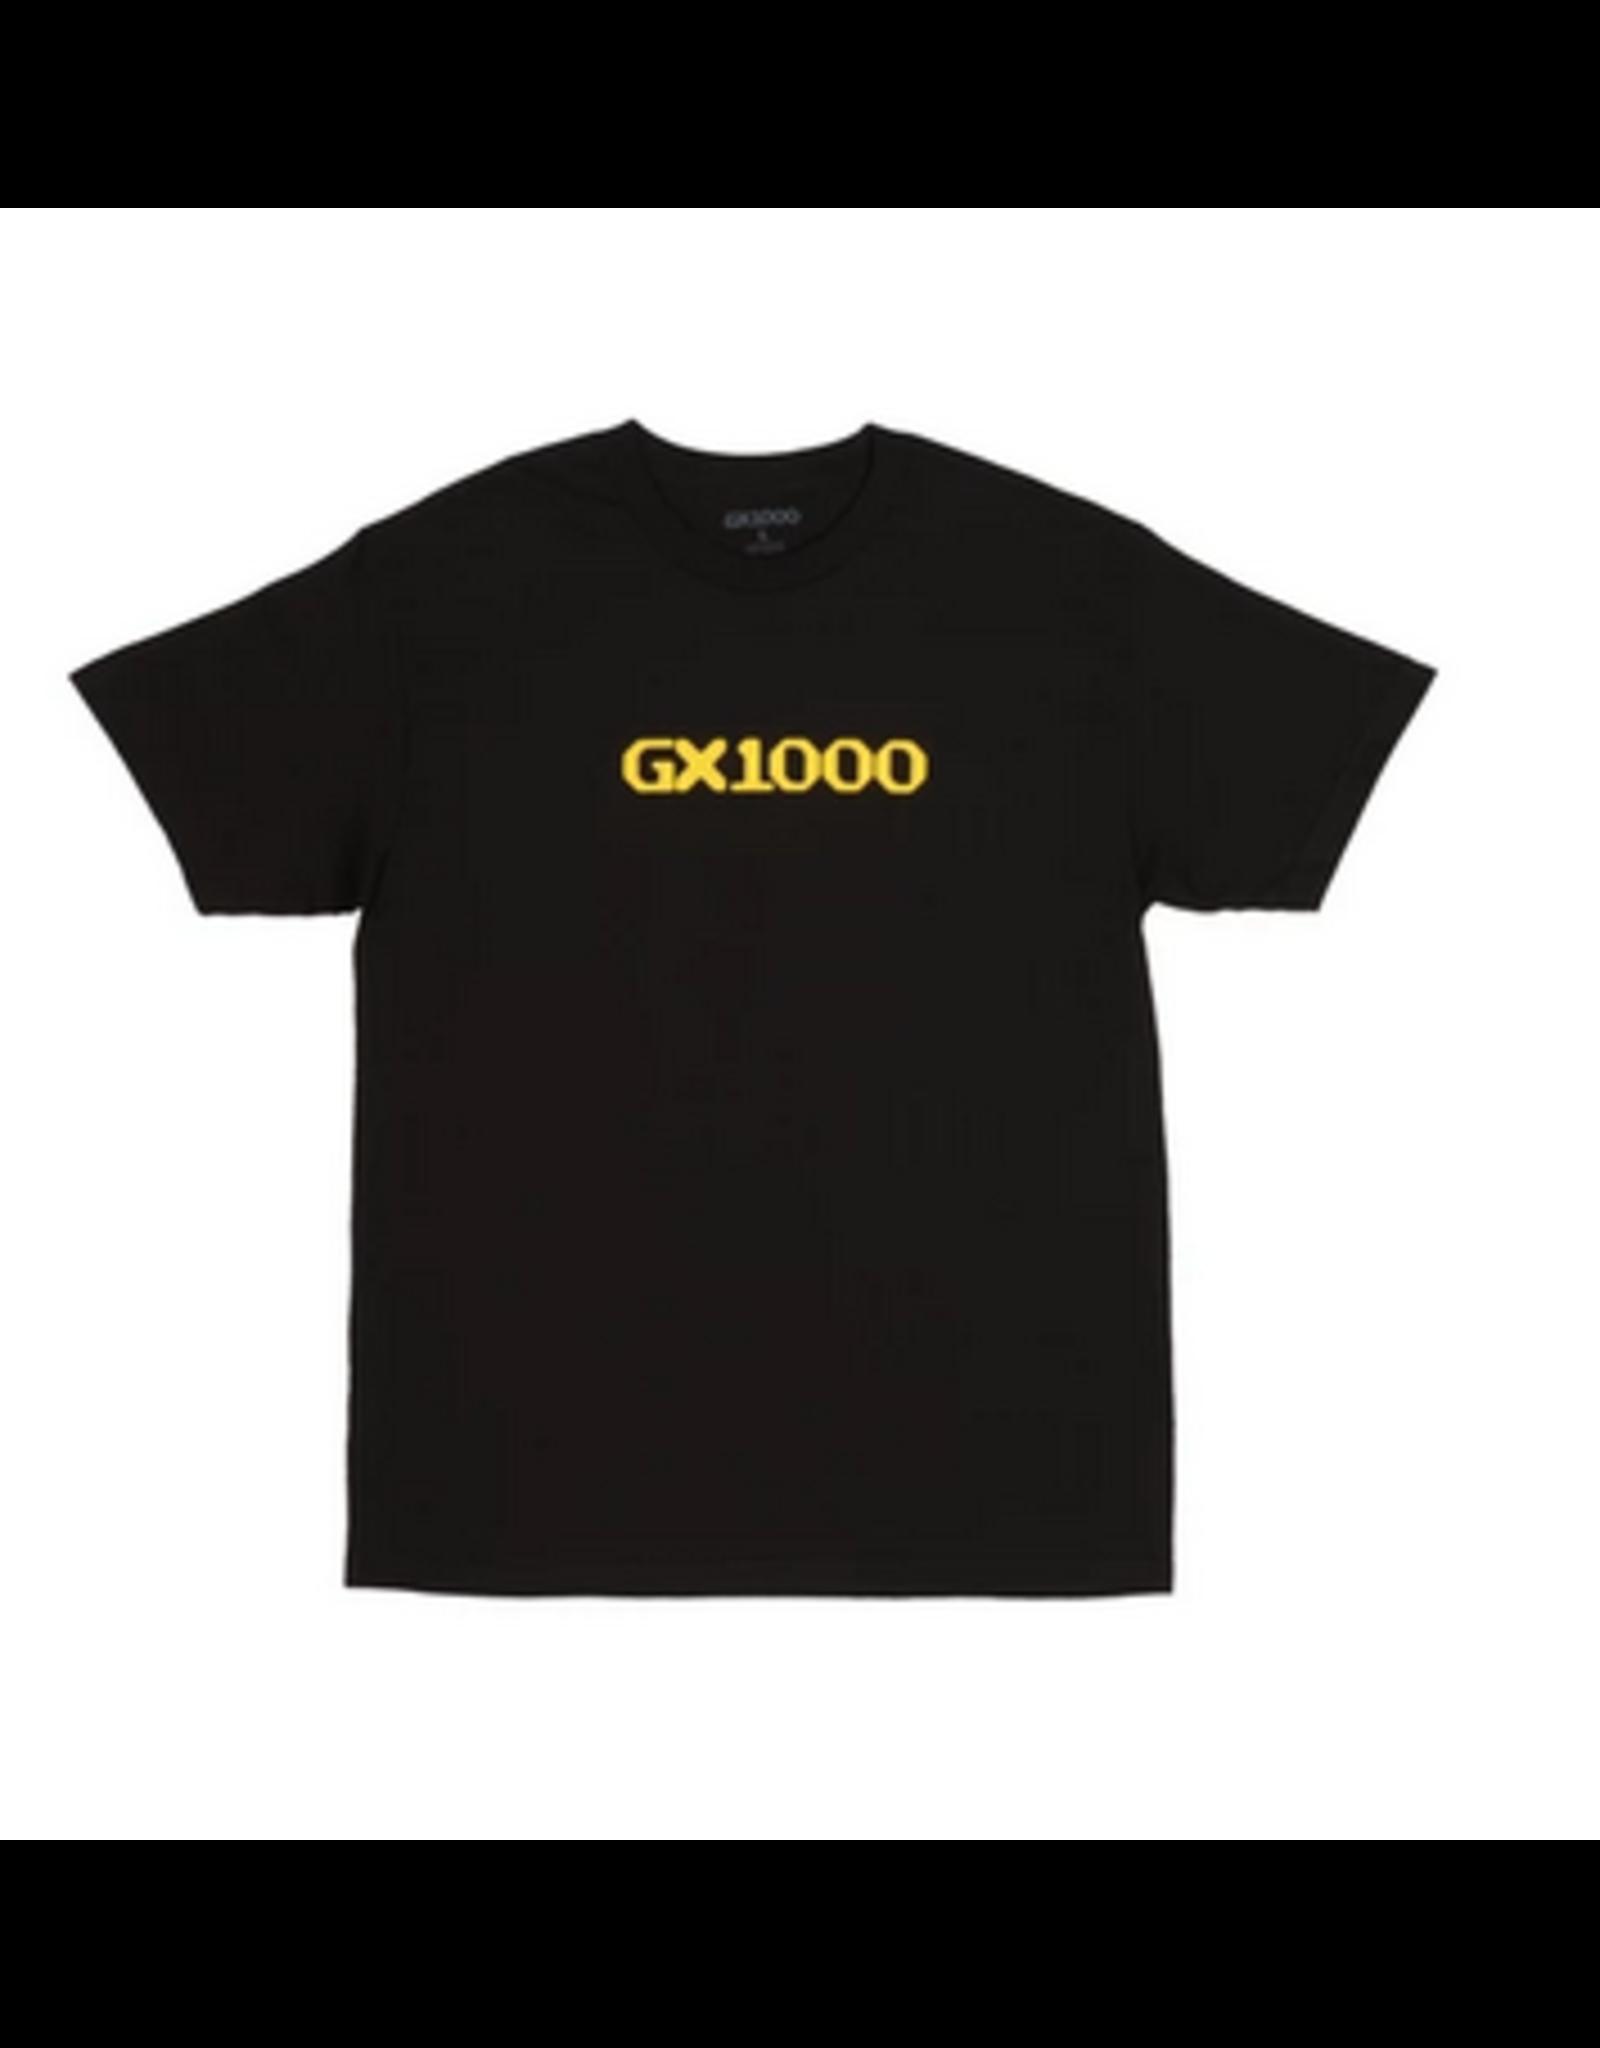 GX1000 GX1000 OG LOGO TEE BLACK